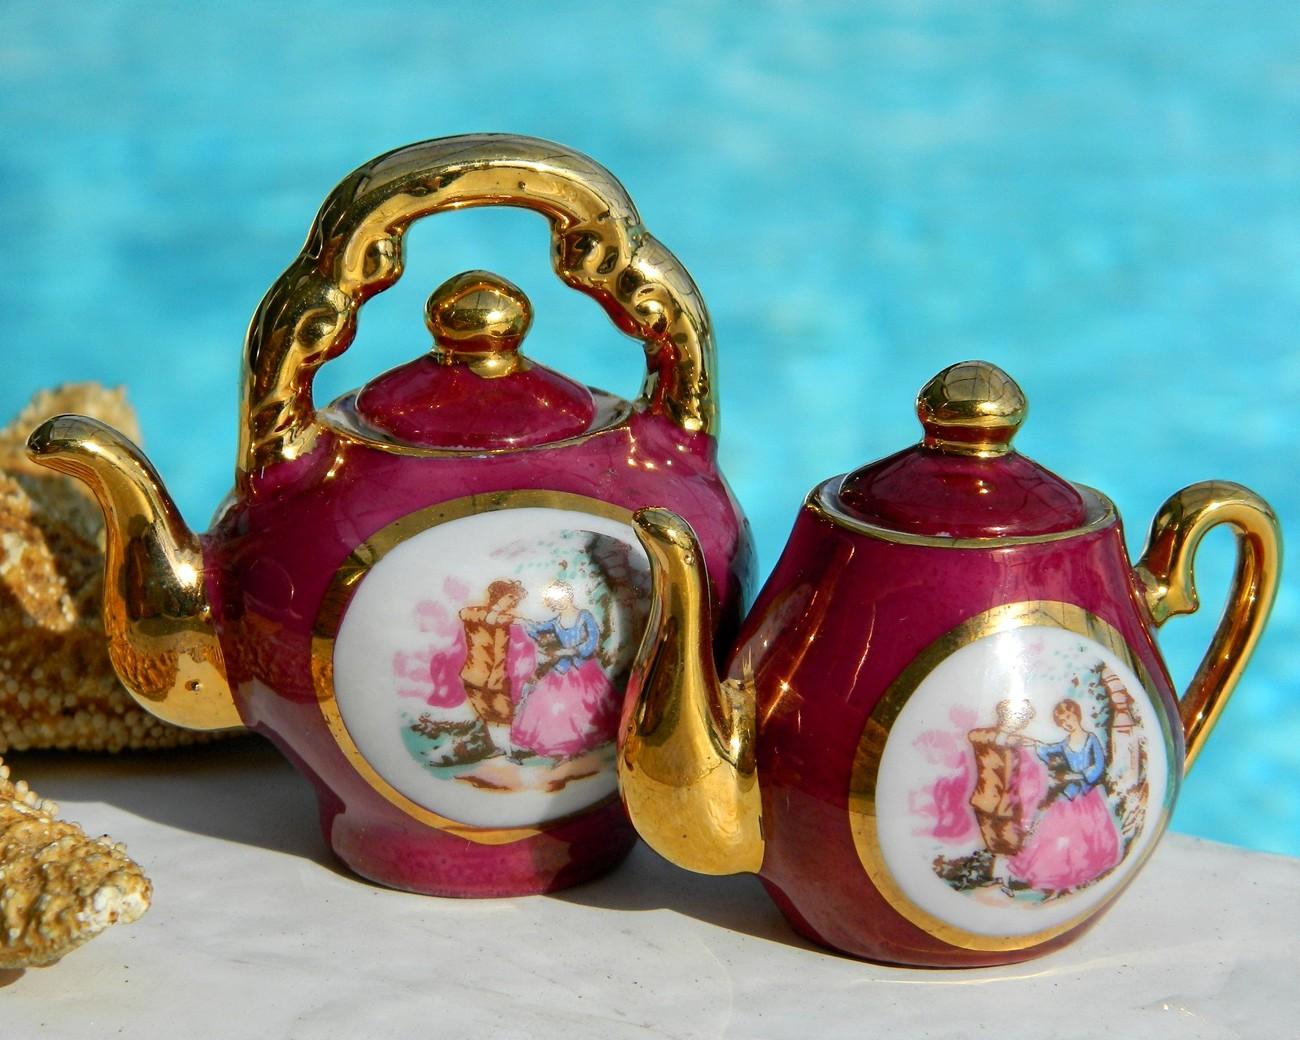 Vintage Porcelain Miniature Teapots Courting Couple Japan Jpg